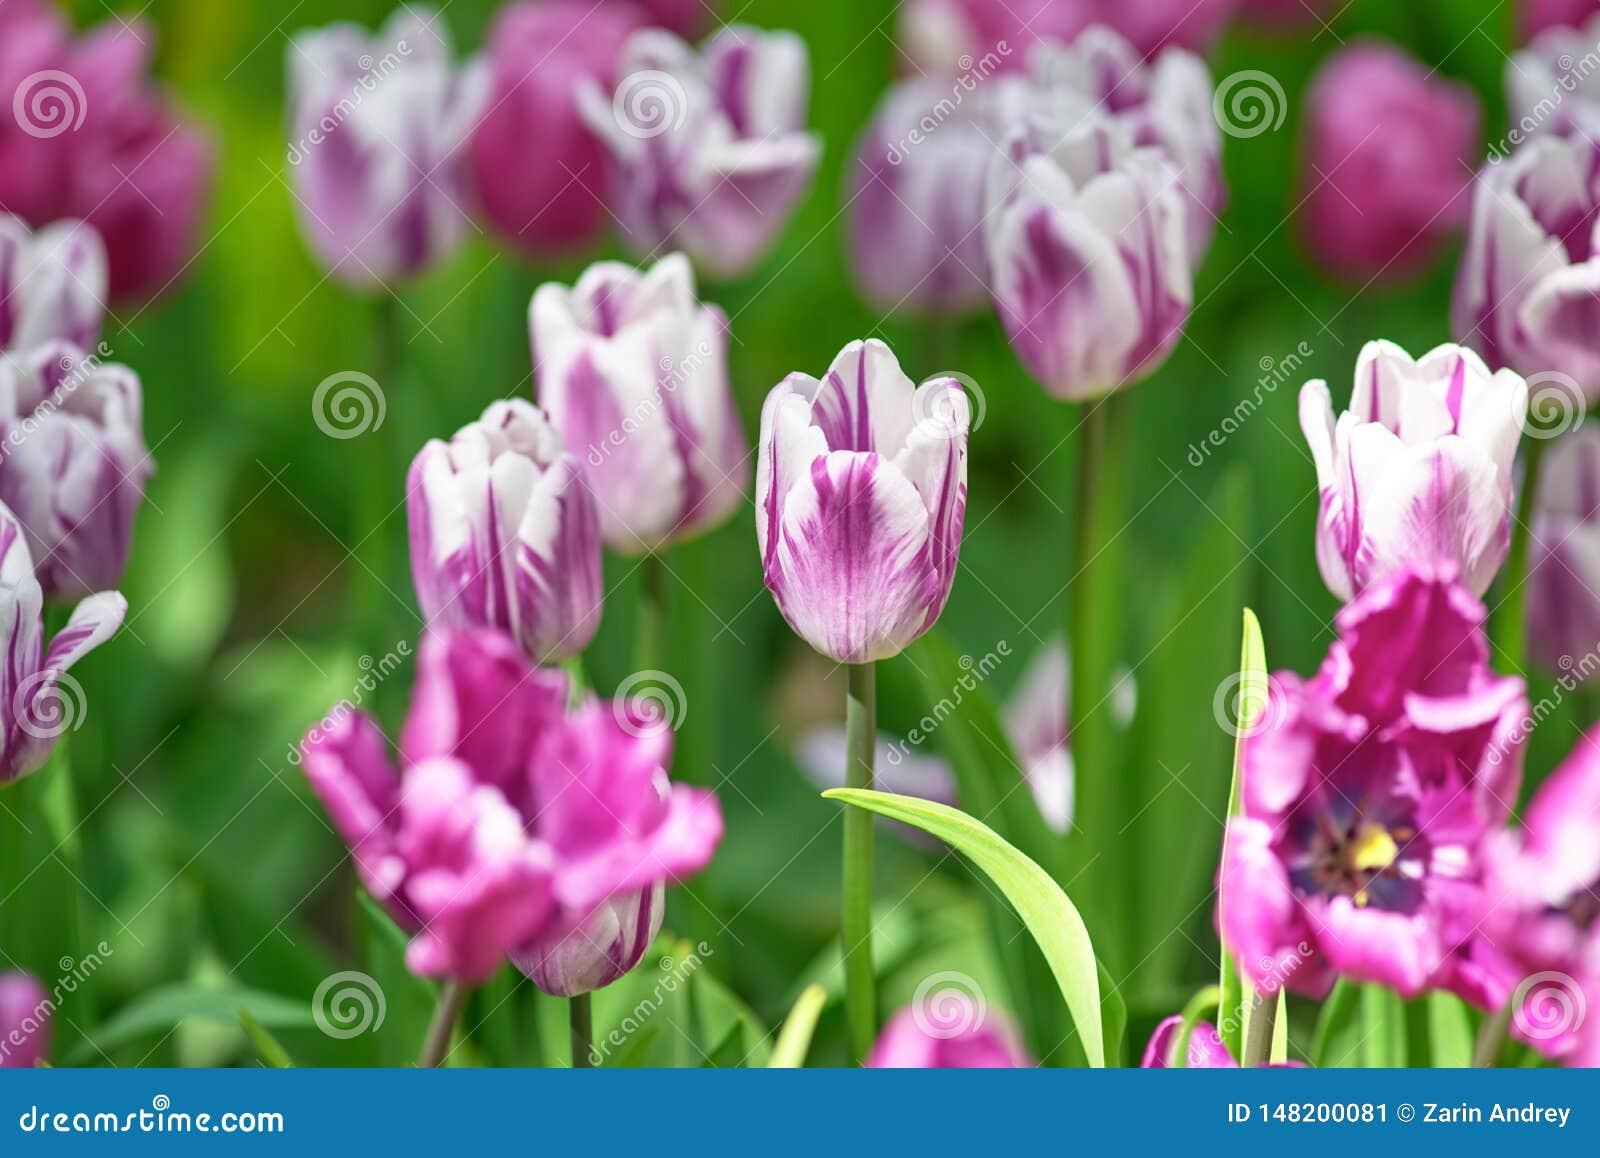 Lil?s em um dia ensolarado em um fundo verde Rems da variedade da tulipa favoritos